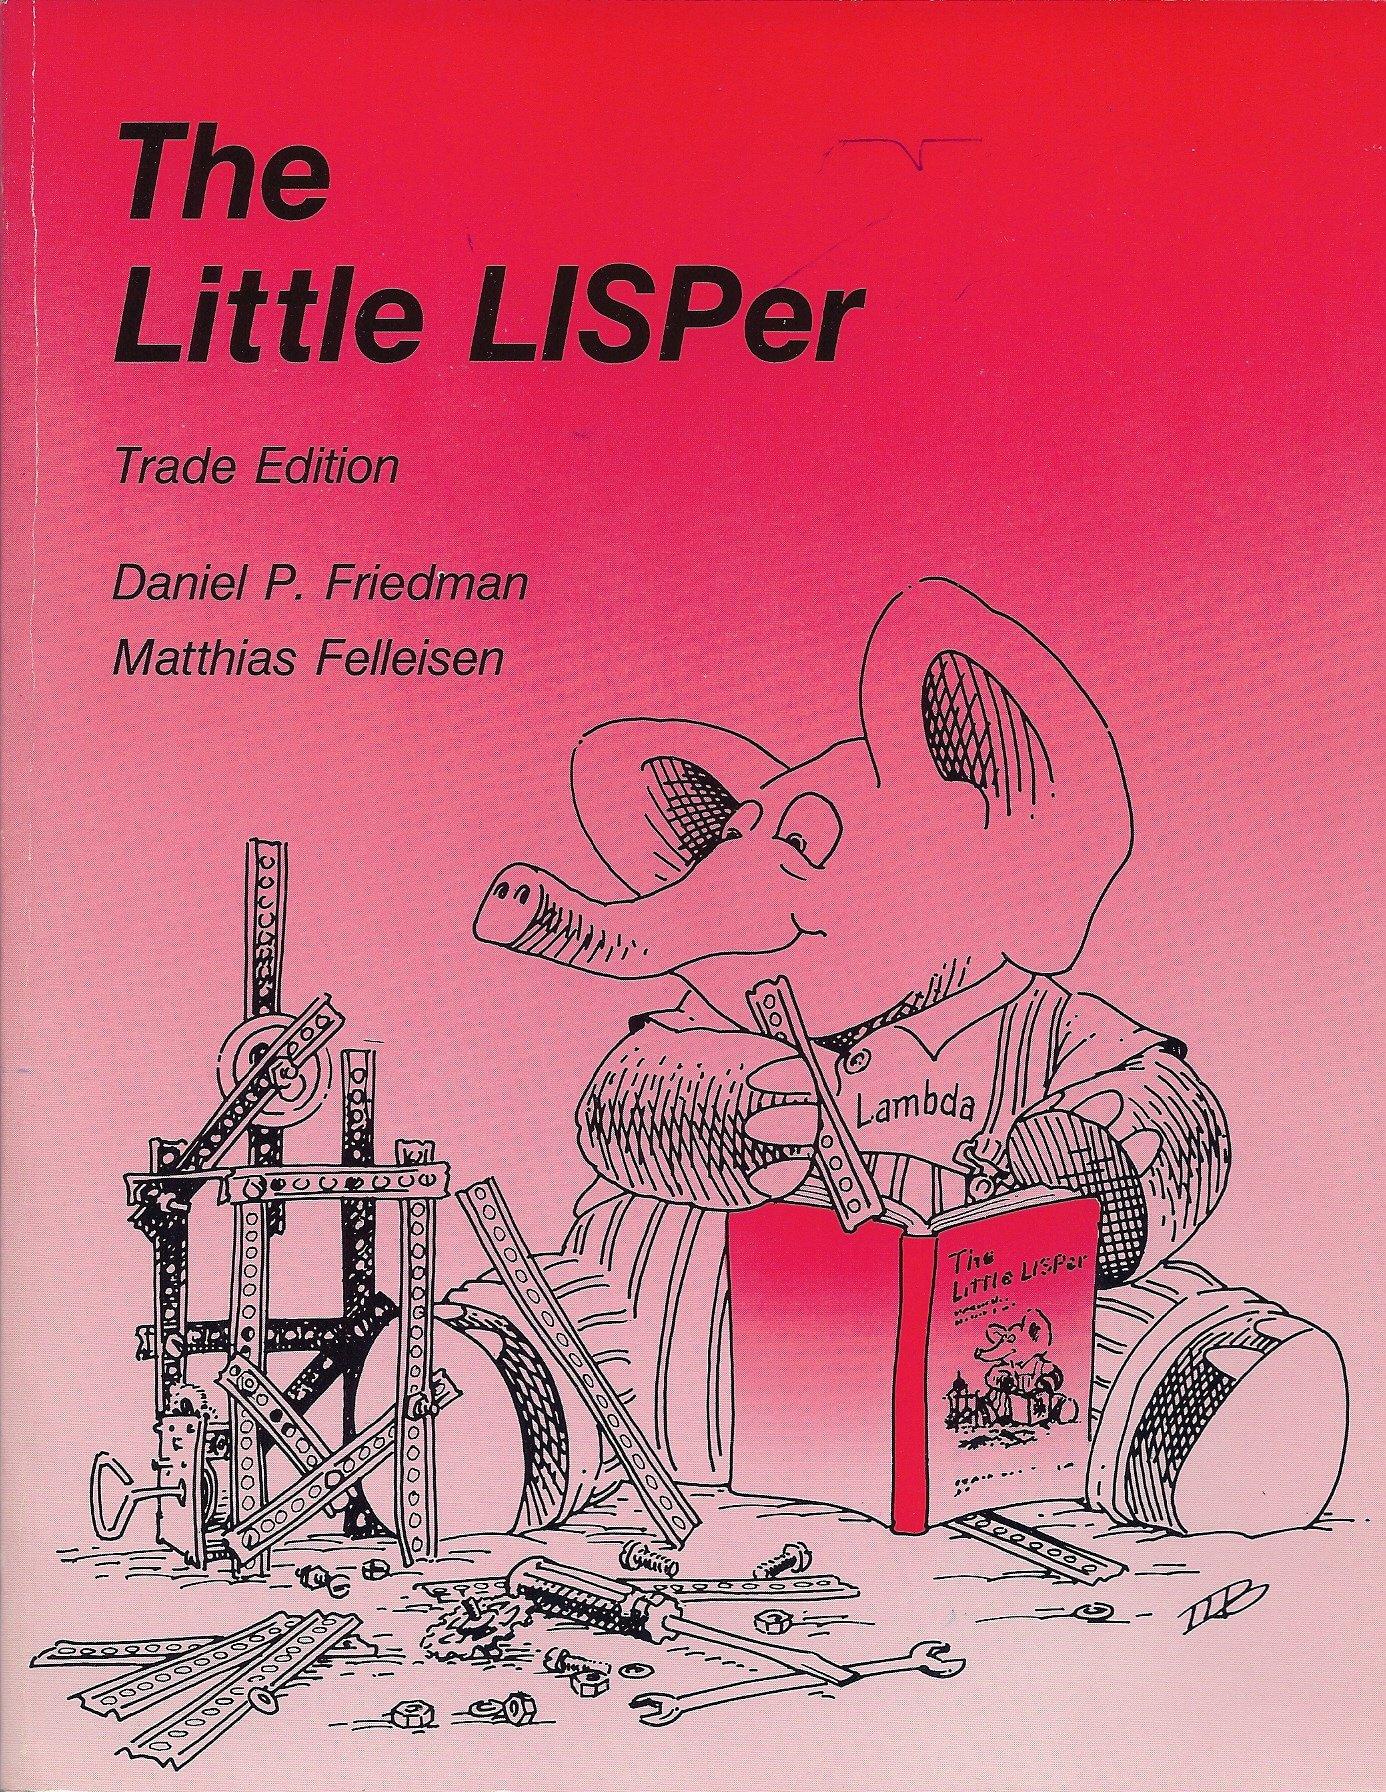 The Little LISPer: Amazon.co.uk: Dp Friedman: 9780262560382: Books